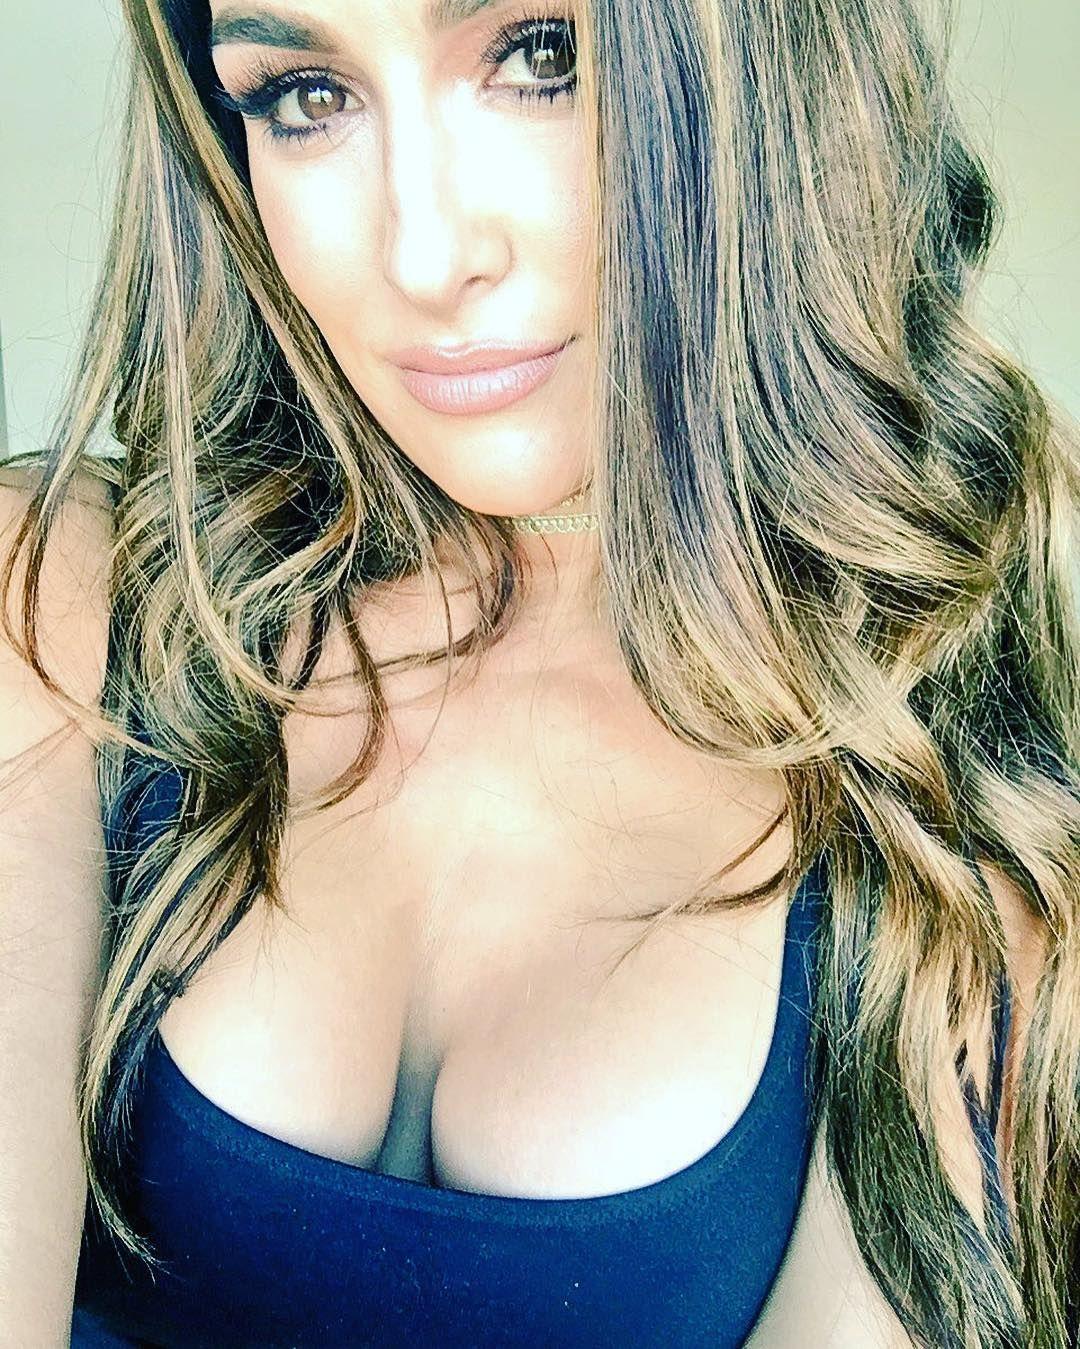 Selfie Brie Bella nudes (92 images), Topless